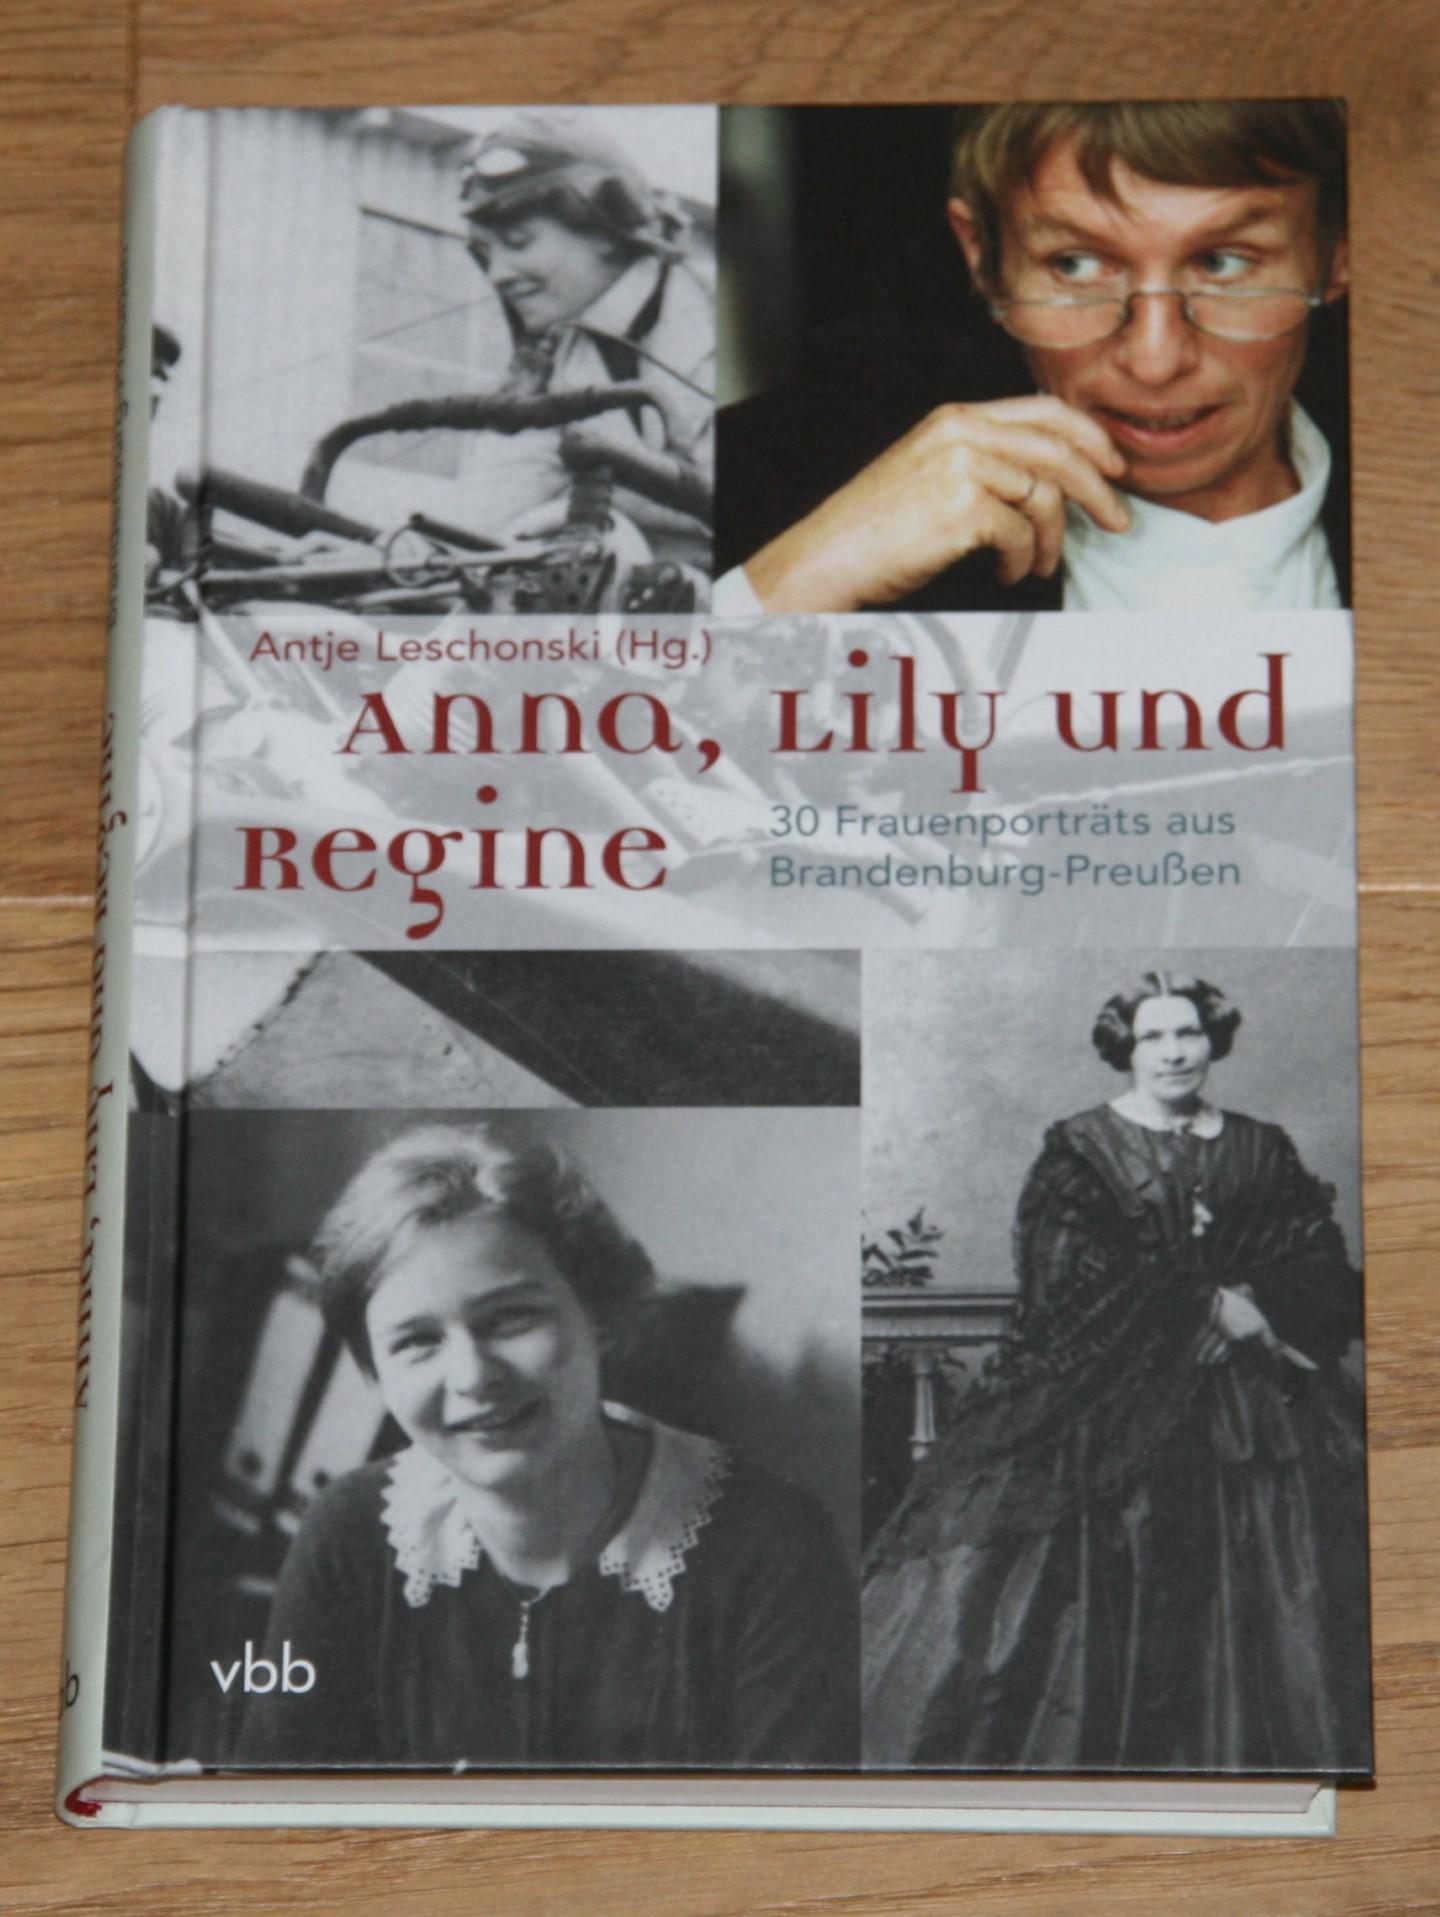 Anna, Lily und Regine: 30 Frauenporträts aus Brandenburg-Preußen.  1. Auflage, - Leschonski, Antje (Herausgeberin)